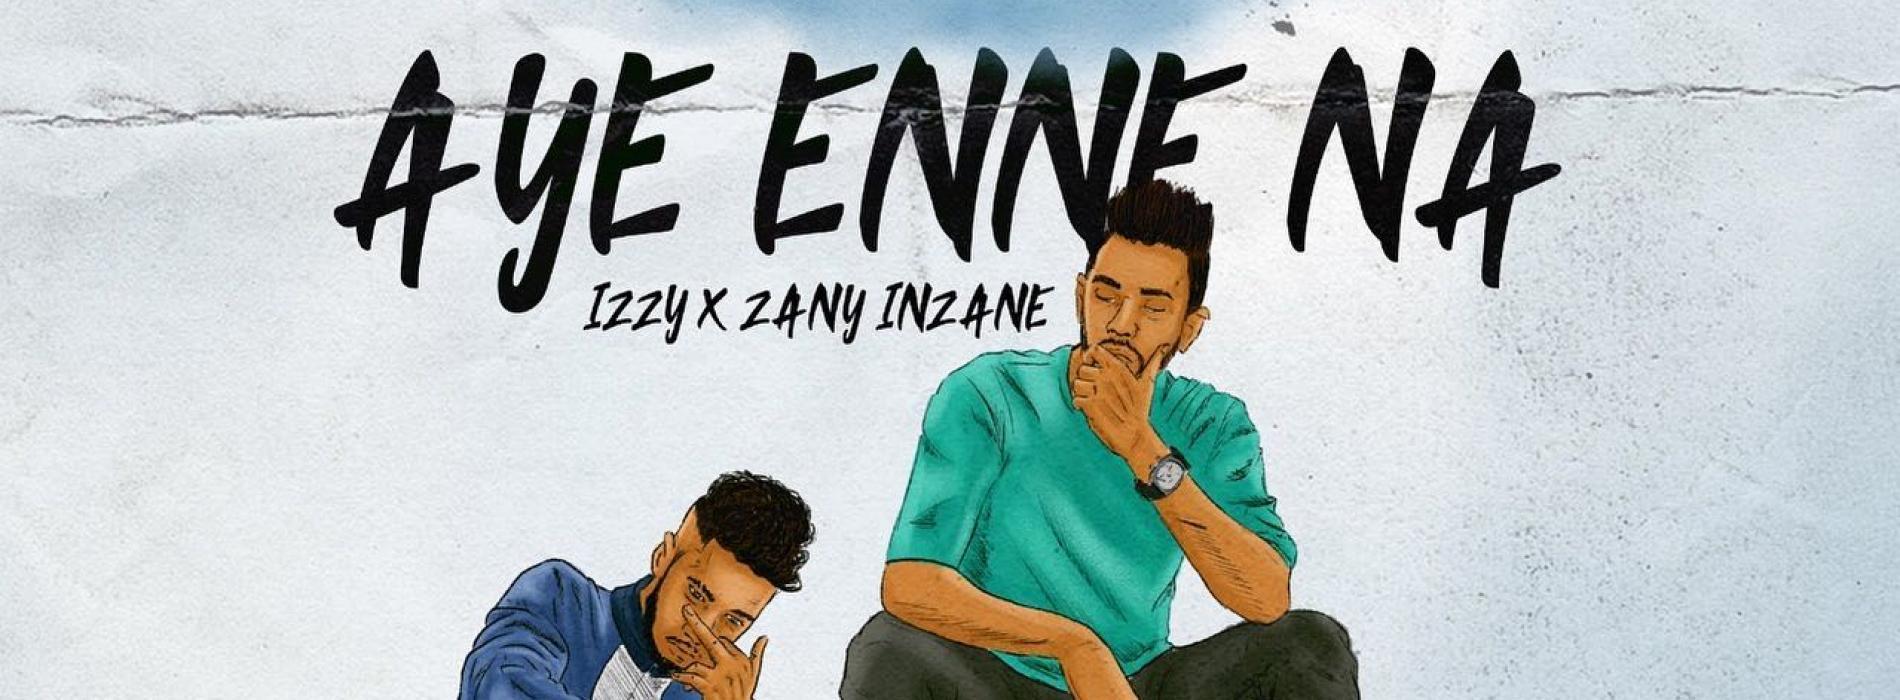 New Music : Izzy Iznu Ft Zany Inzane – Aye Enne Na